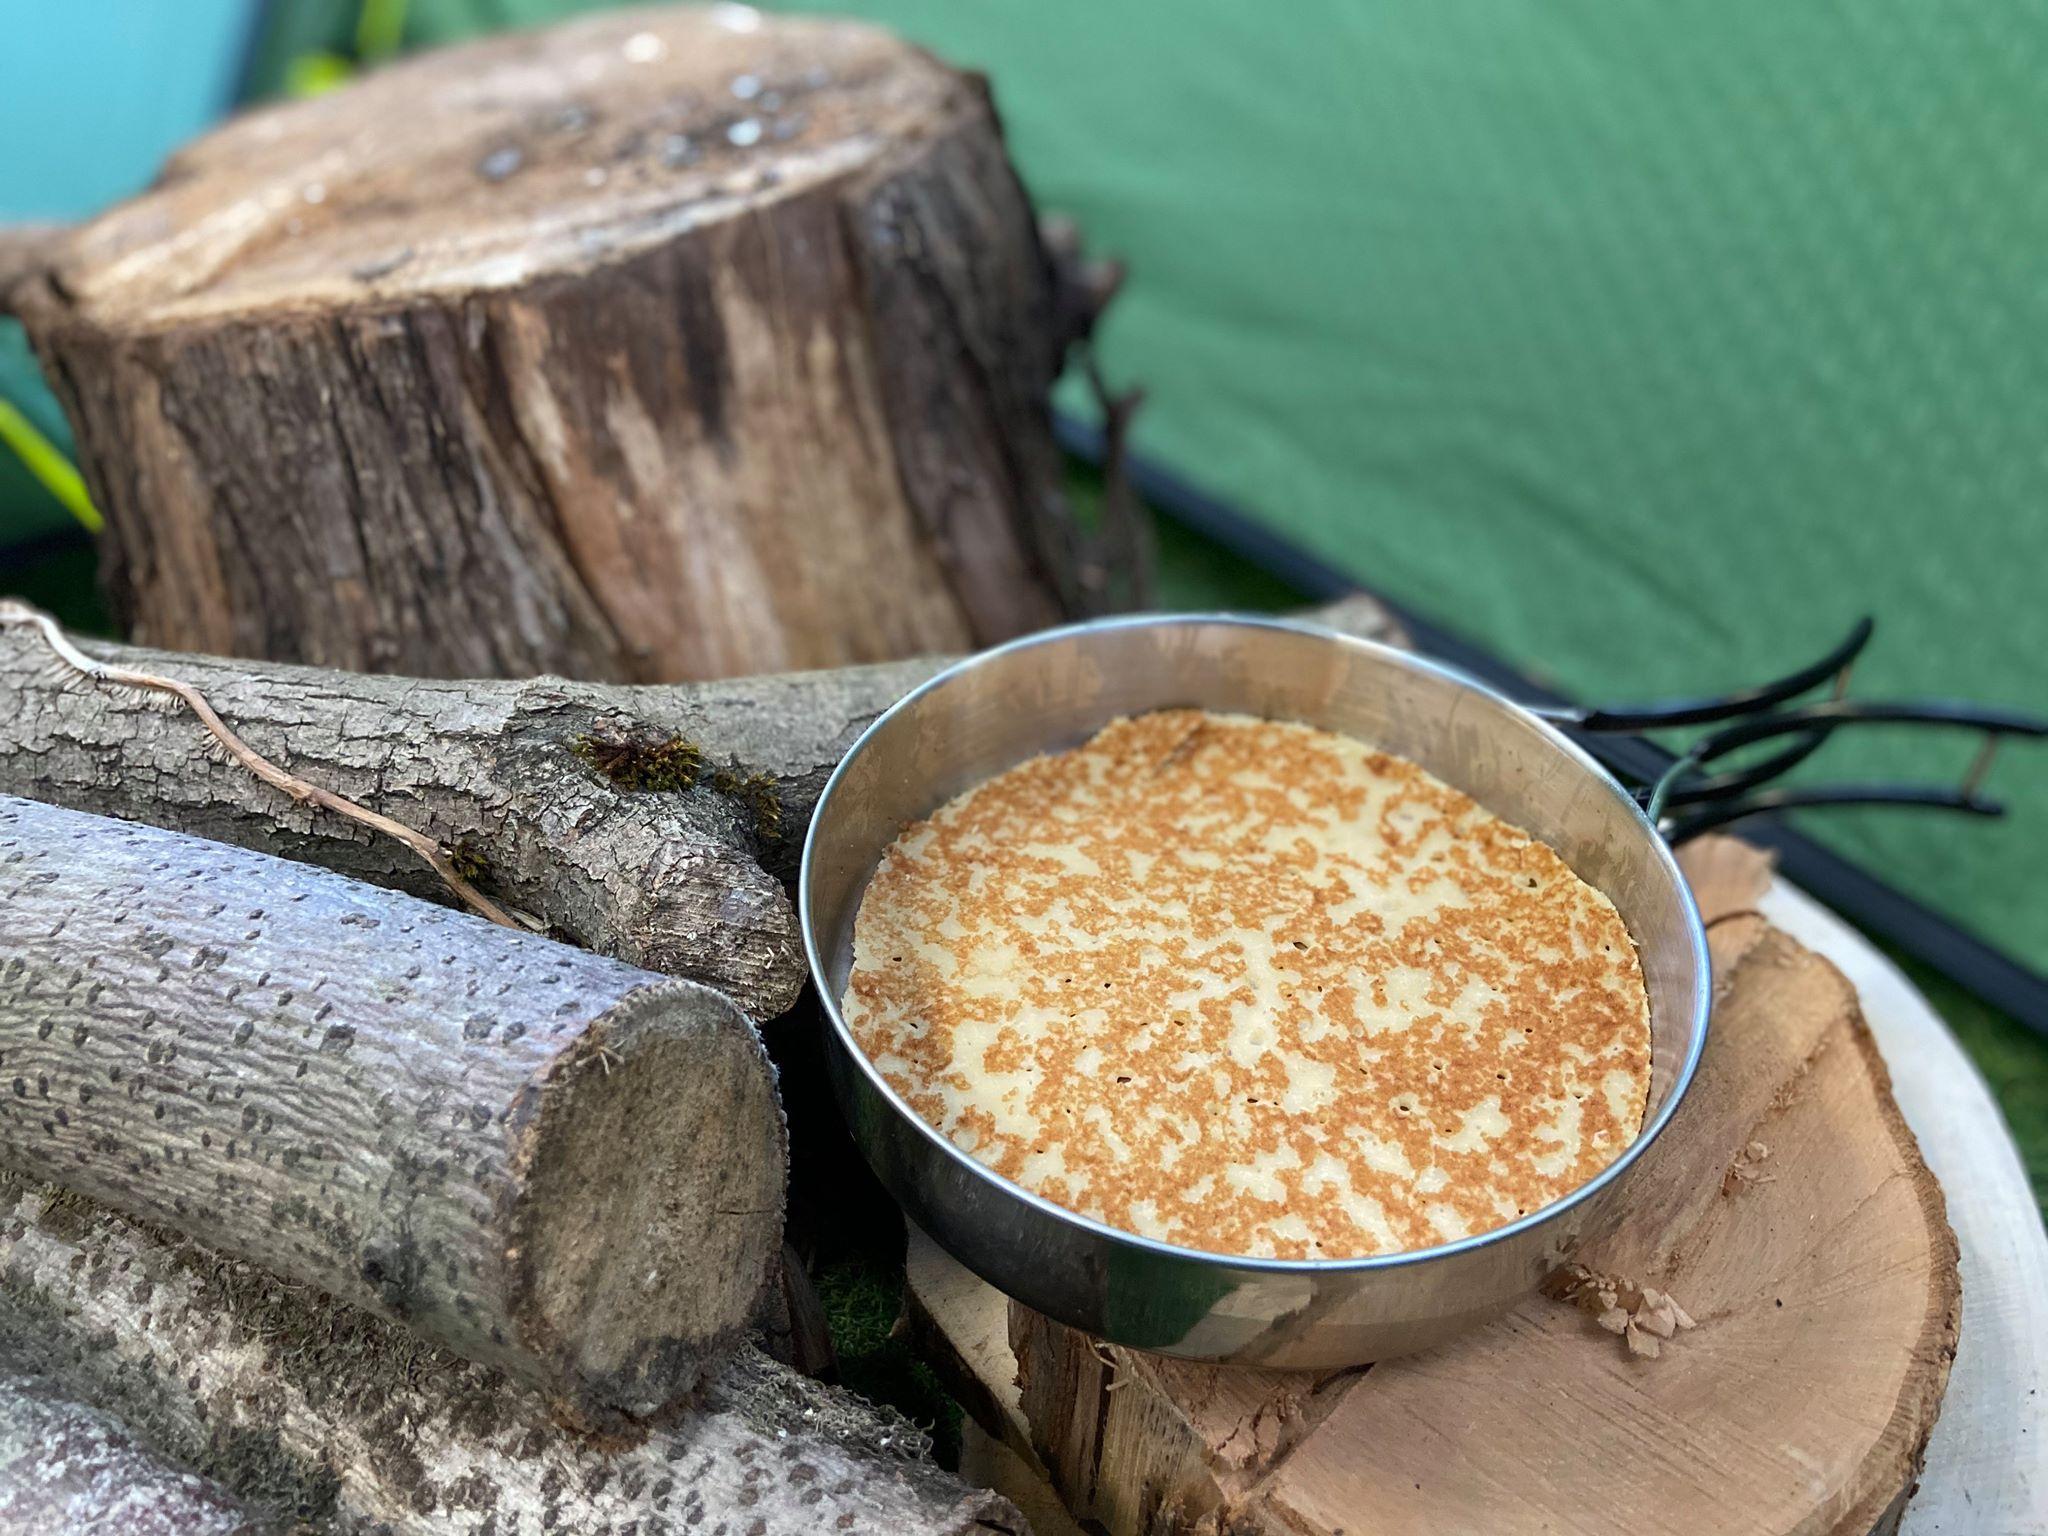 Pancake in a pan on top of logs.